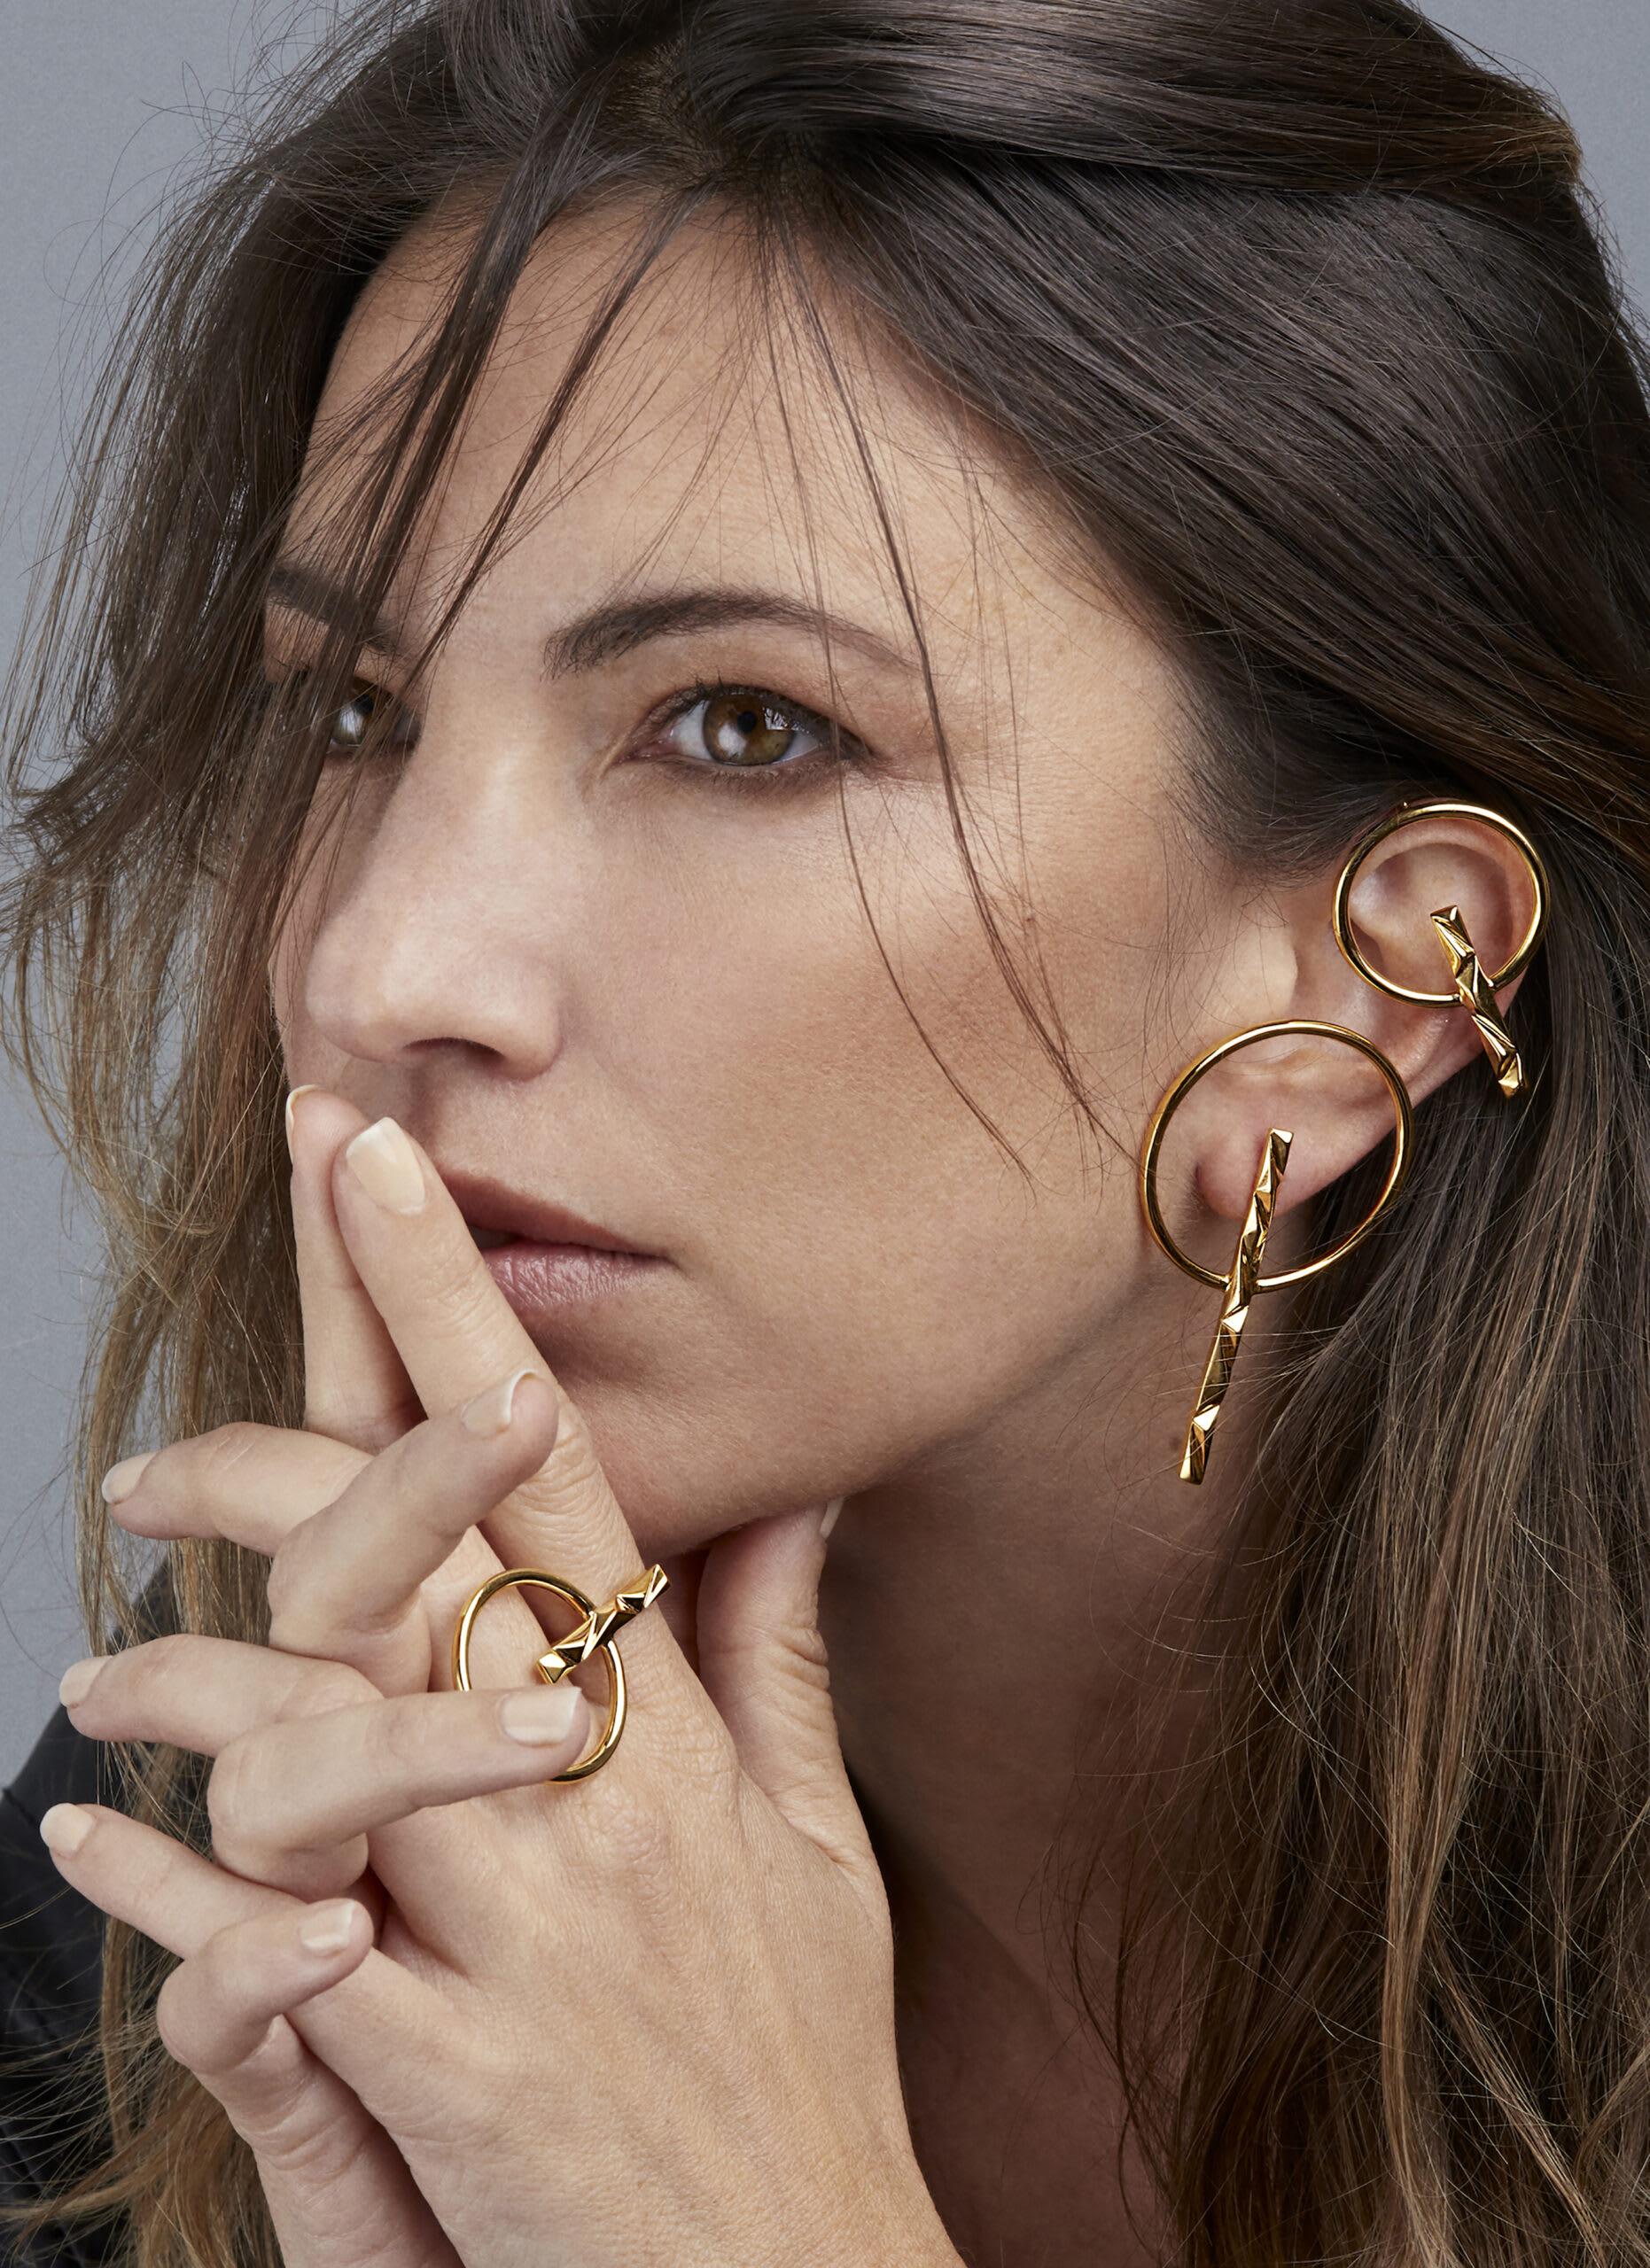 """""""Orbit Earrings by Soledad Lowe on model"""""""